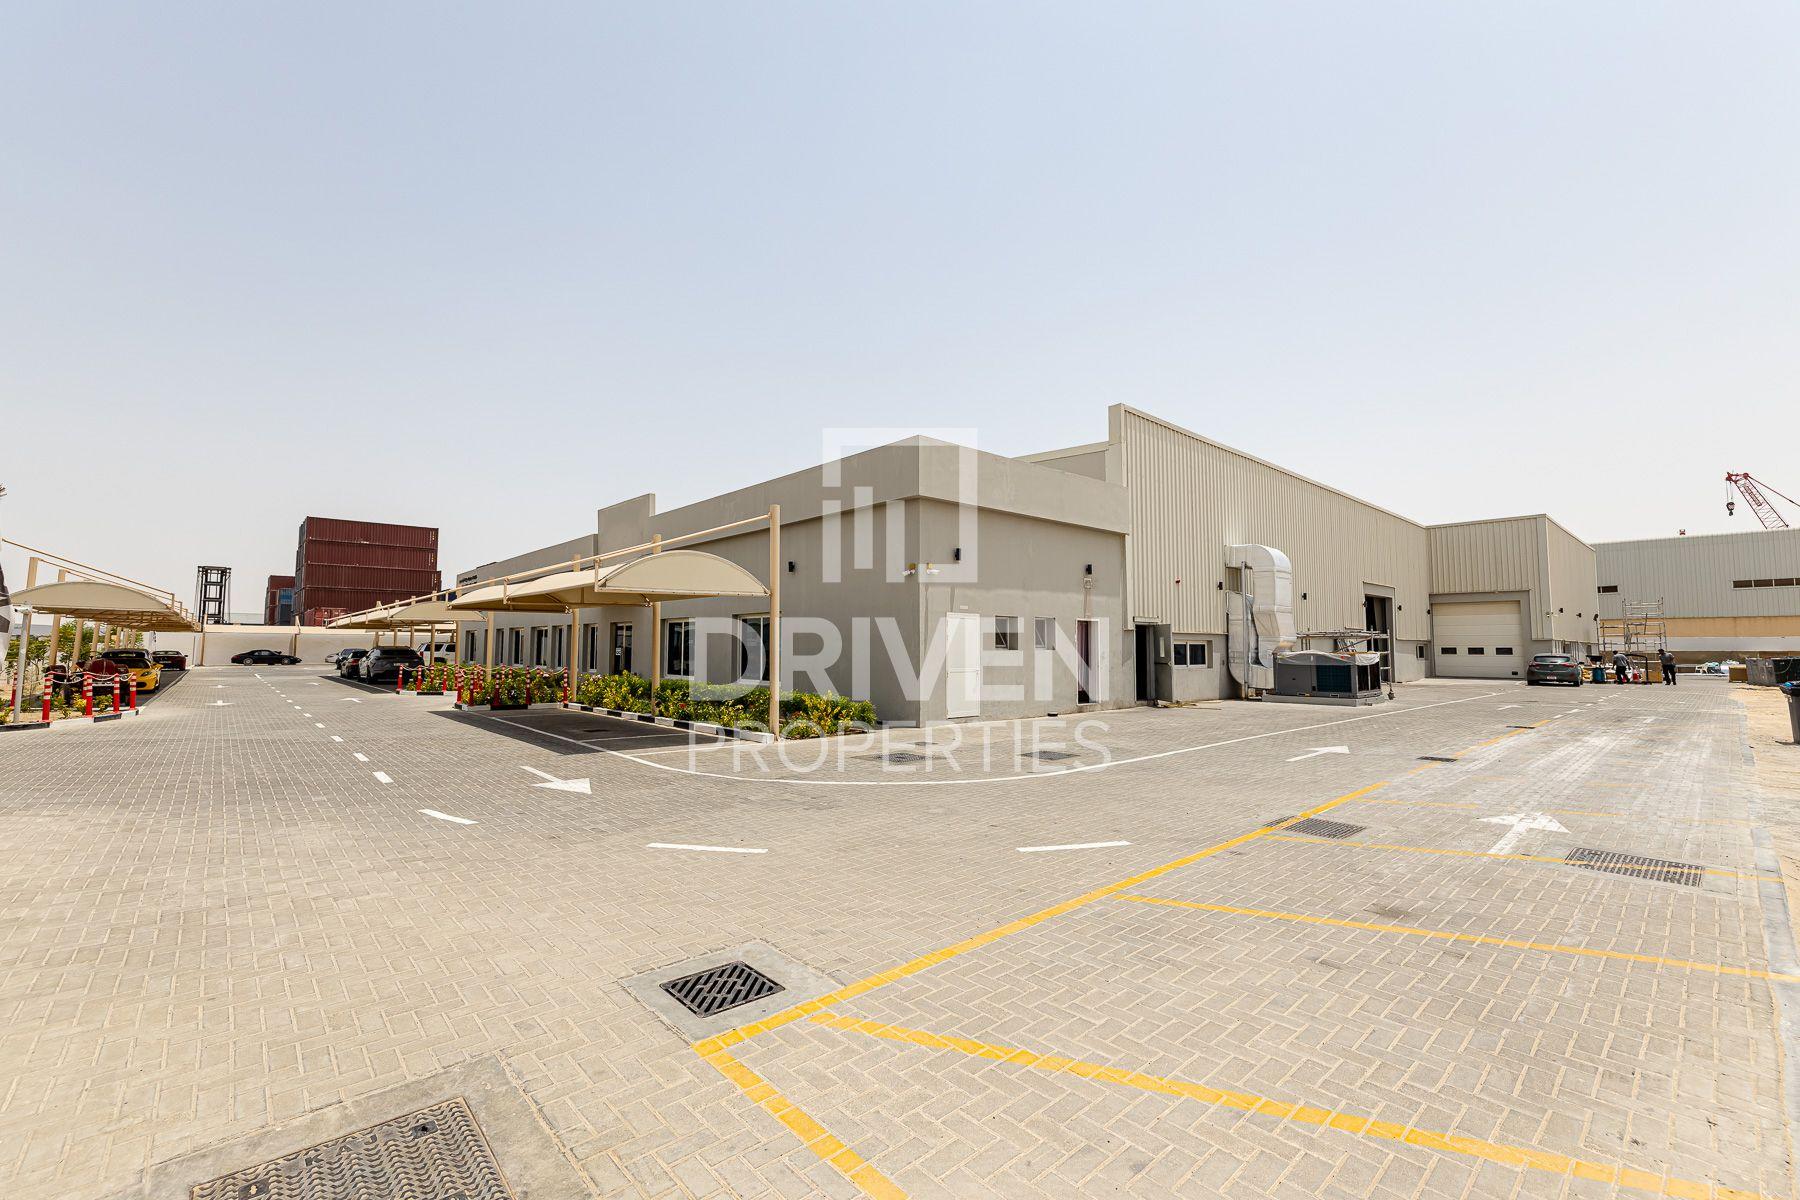 للبيع - مستودع - Transport & Equipment Zone - حديقة دبي الصناعية